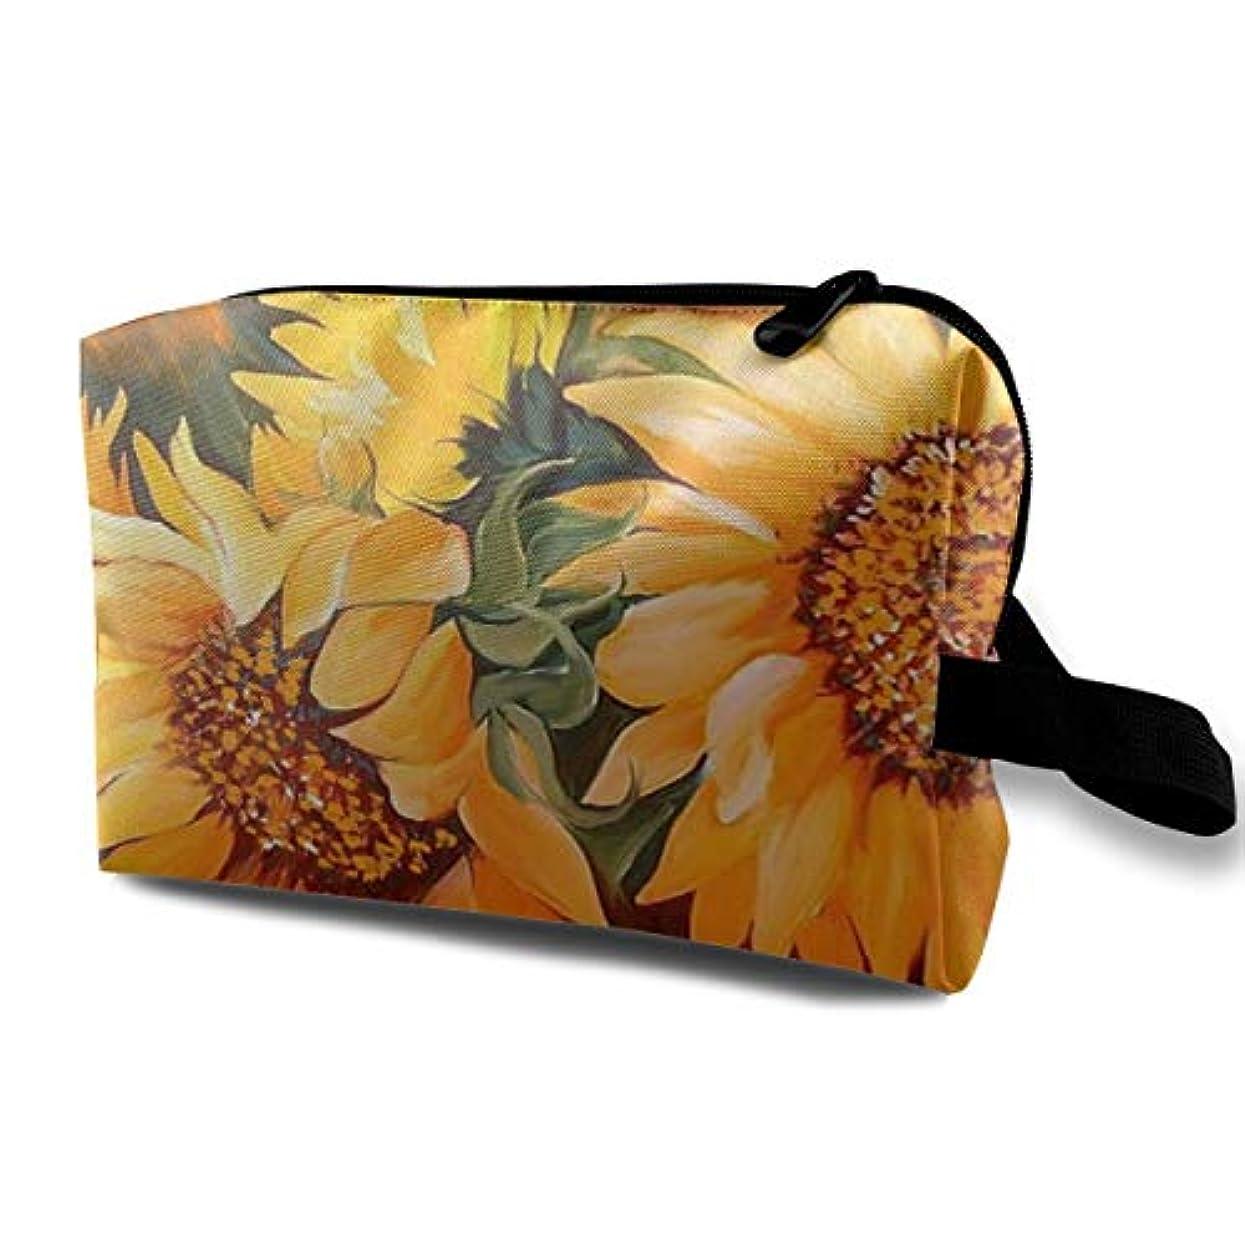 ドキュメンタリー天井贅沢Sunflower Painting 収納ポーチ 化粧ポーチ 大容量 軽量 耐久性 ハンドル付持ち運び便利。入れ 自宅?出張?旅行?アウトドア撮影などに対応。メンズ レディース トラベルグッズ